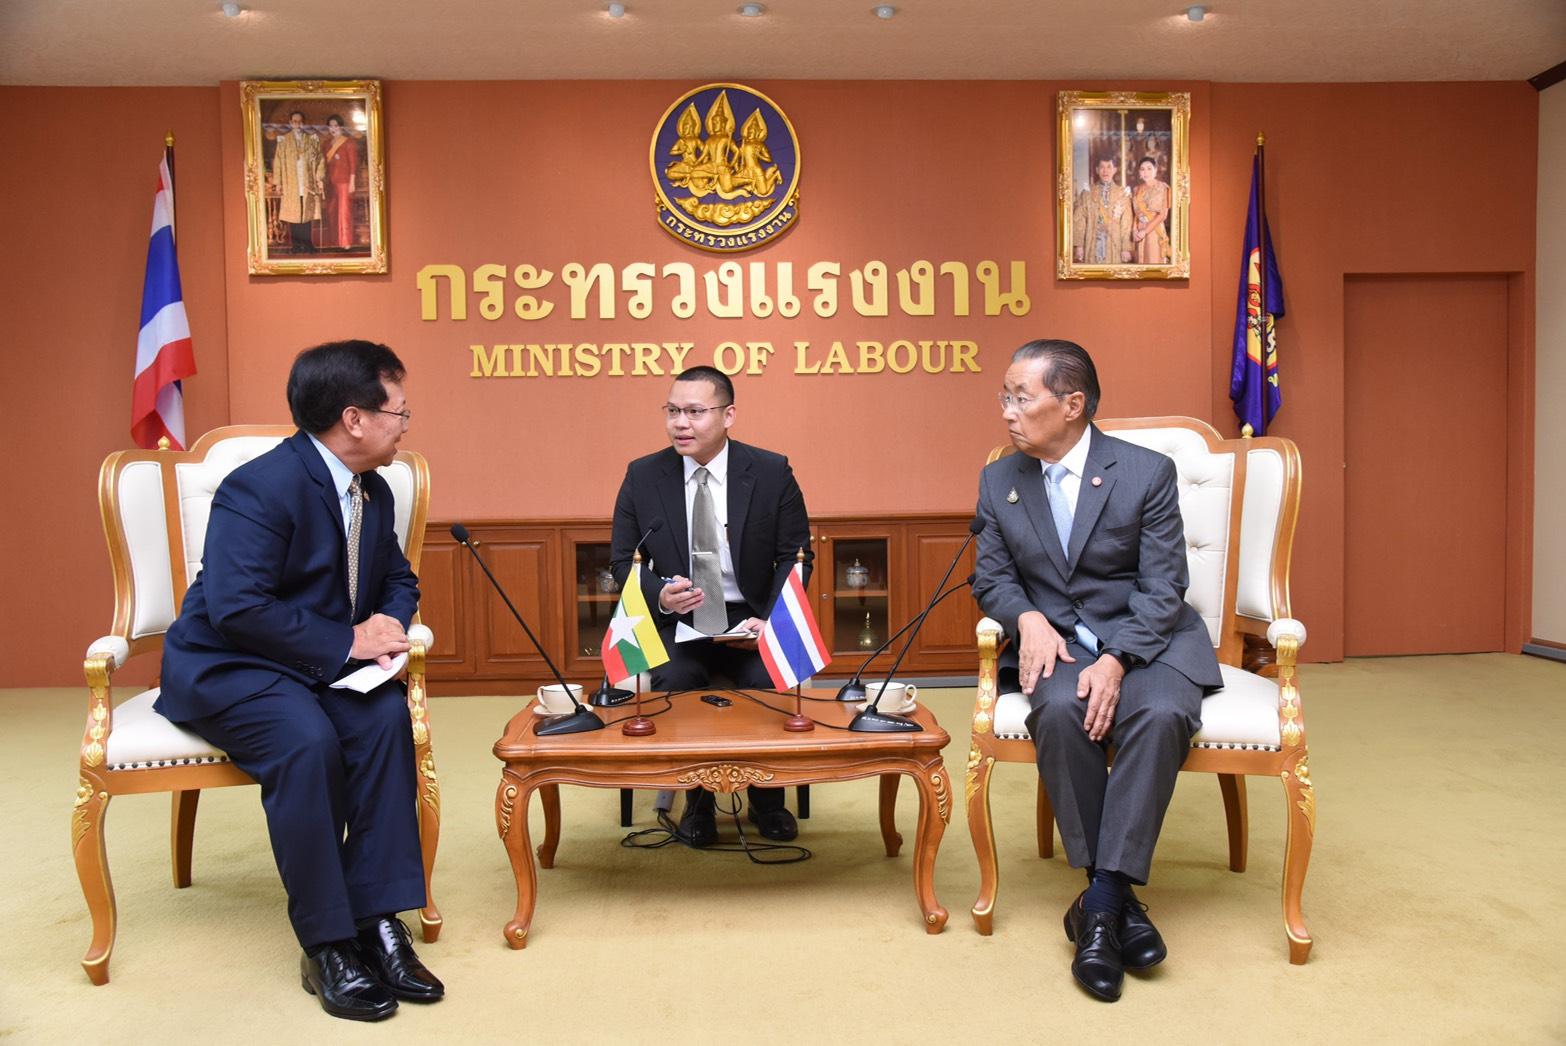 รองอธิบดีกรมการจัดหางาน ร่วมให้การต้อนรับ เอกอัครราชทูตเมียนมาประจำประเทศไทย